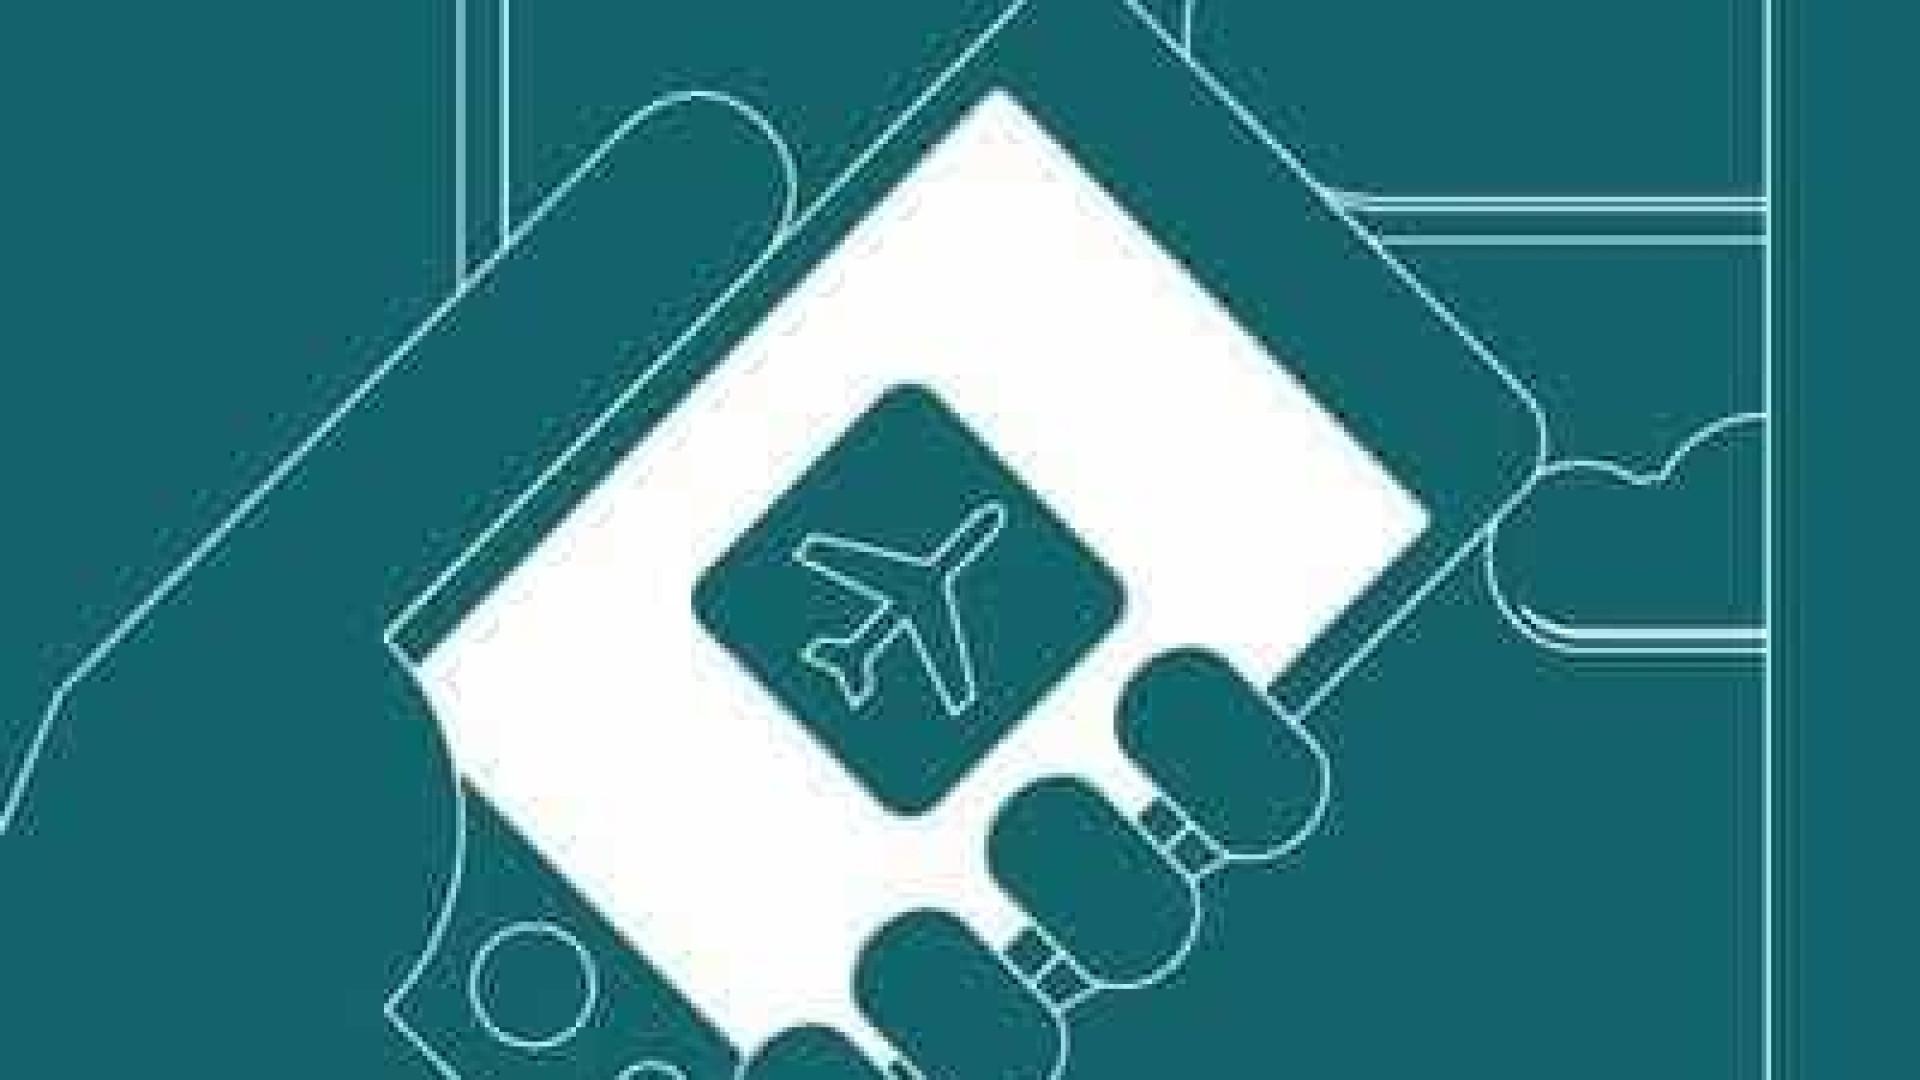 Confira 5 vantagens de deixar o celular em modo avião sem estar voando